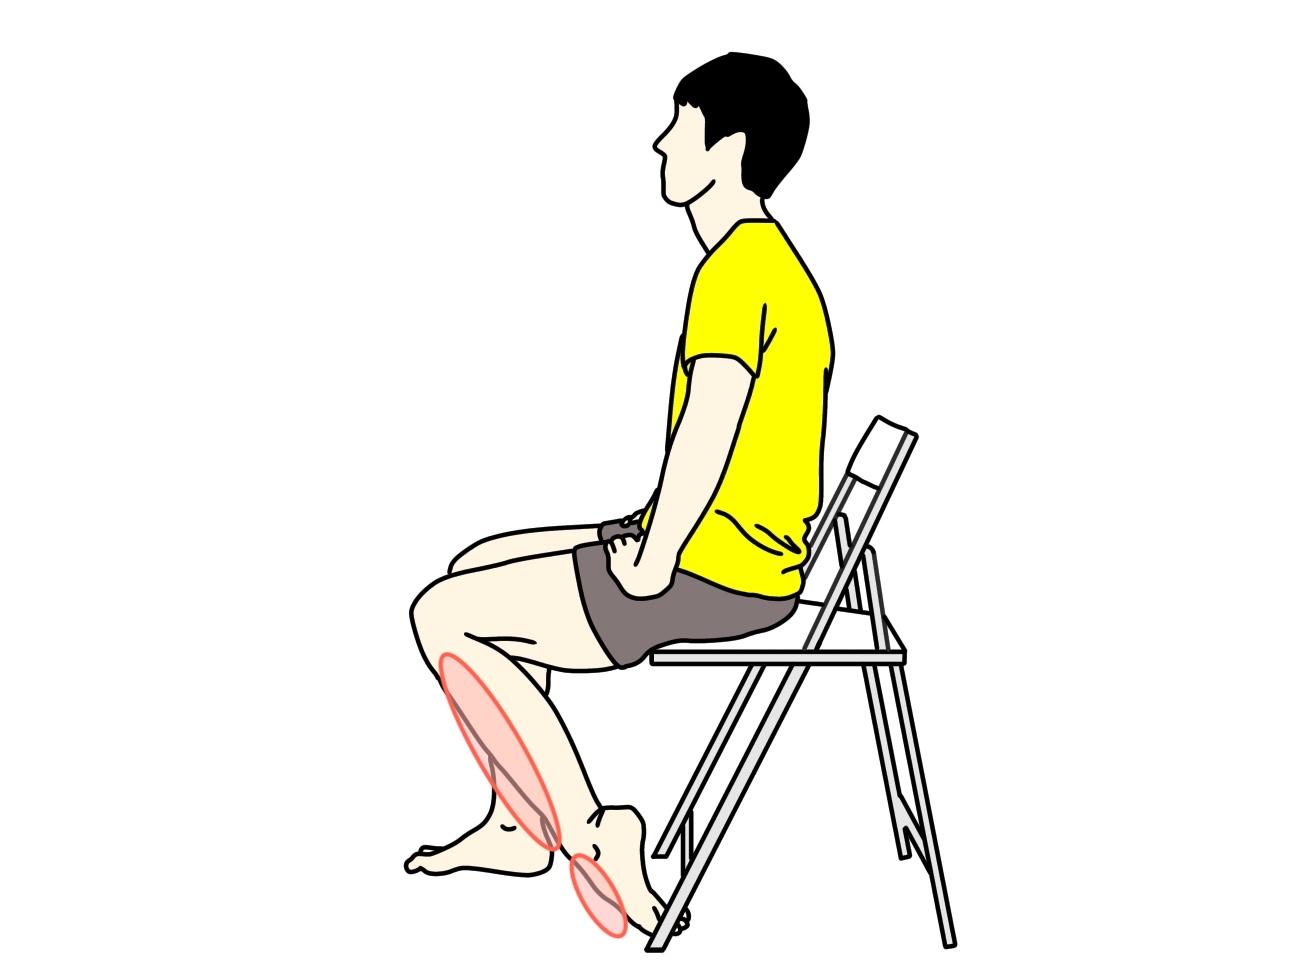 椅子に座りながらできる足の甲〜スネのストレッチで伸びる場所